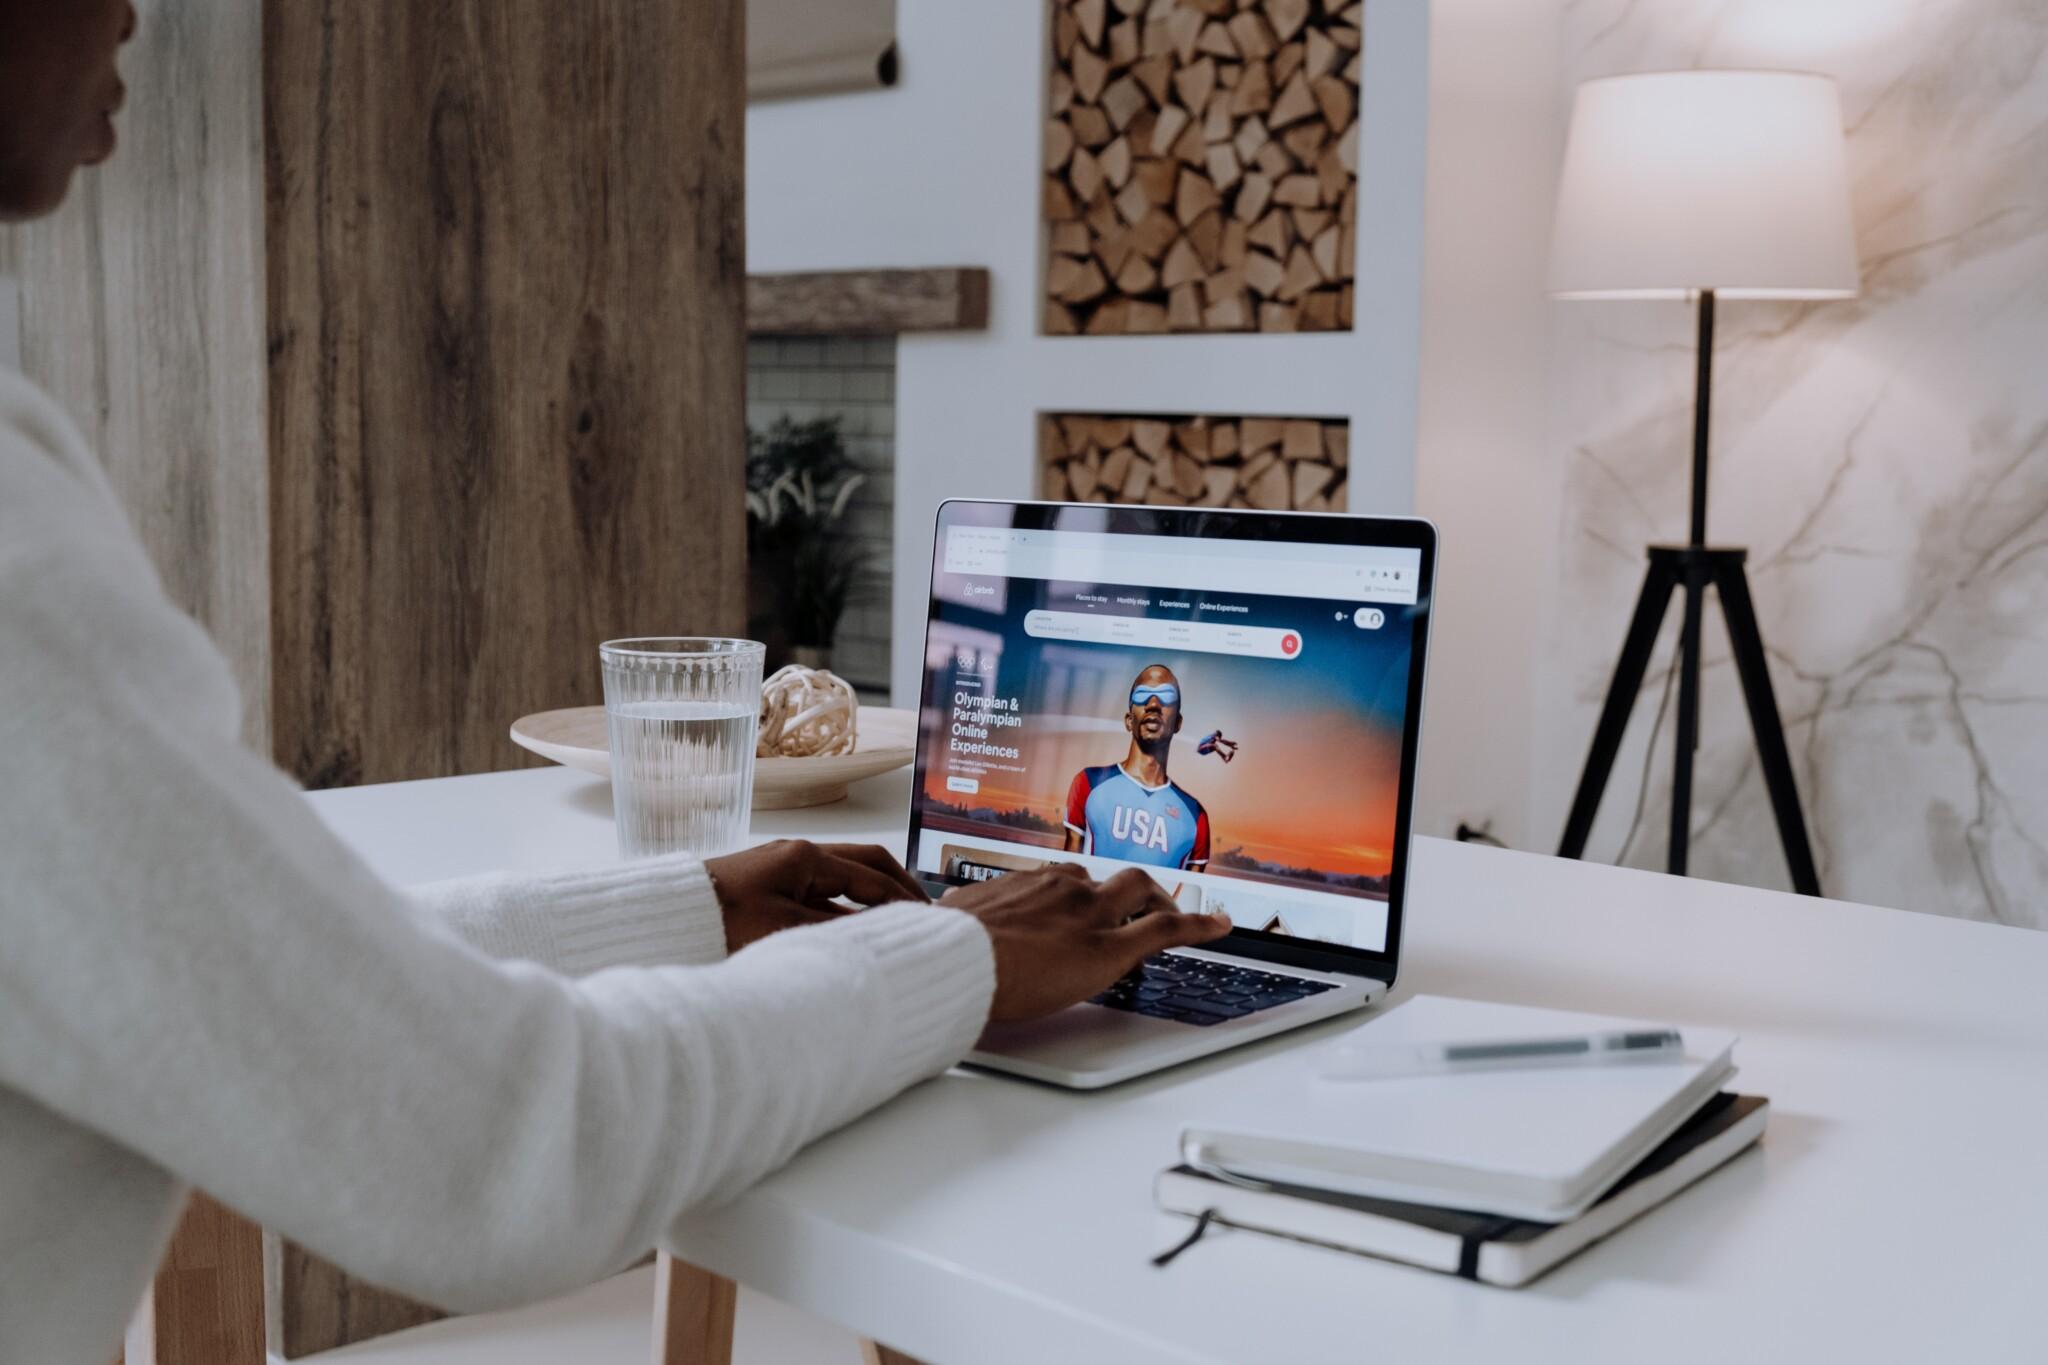 Geringe Auswirkungen von Airbnb auf den Mietwohnungsmarkt in den Städten